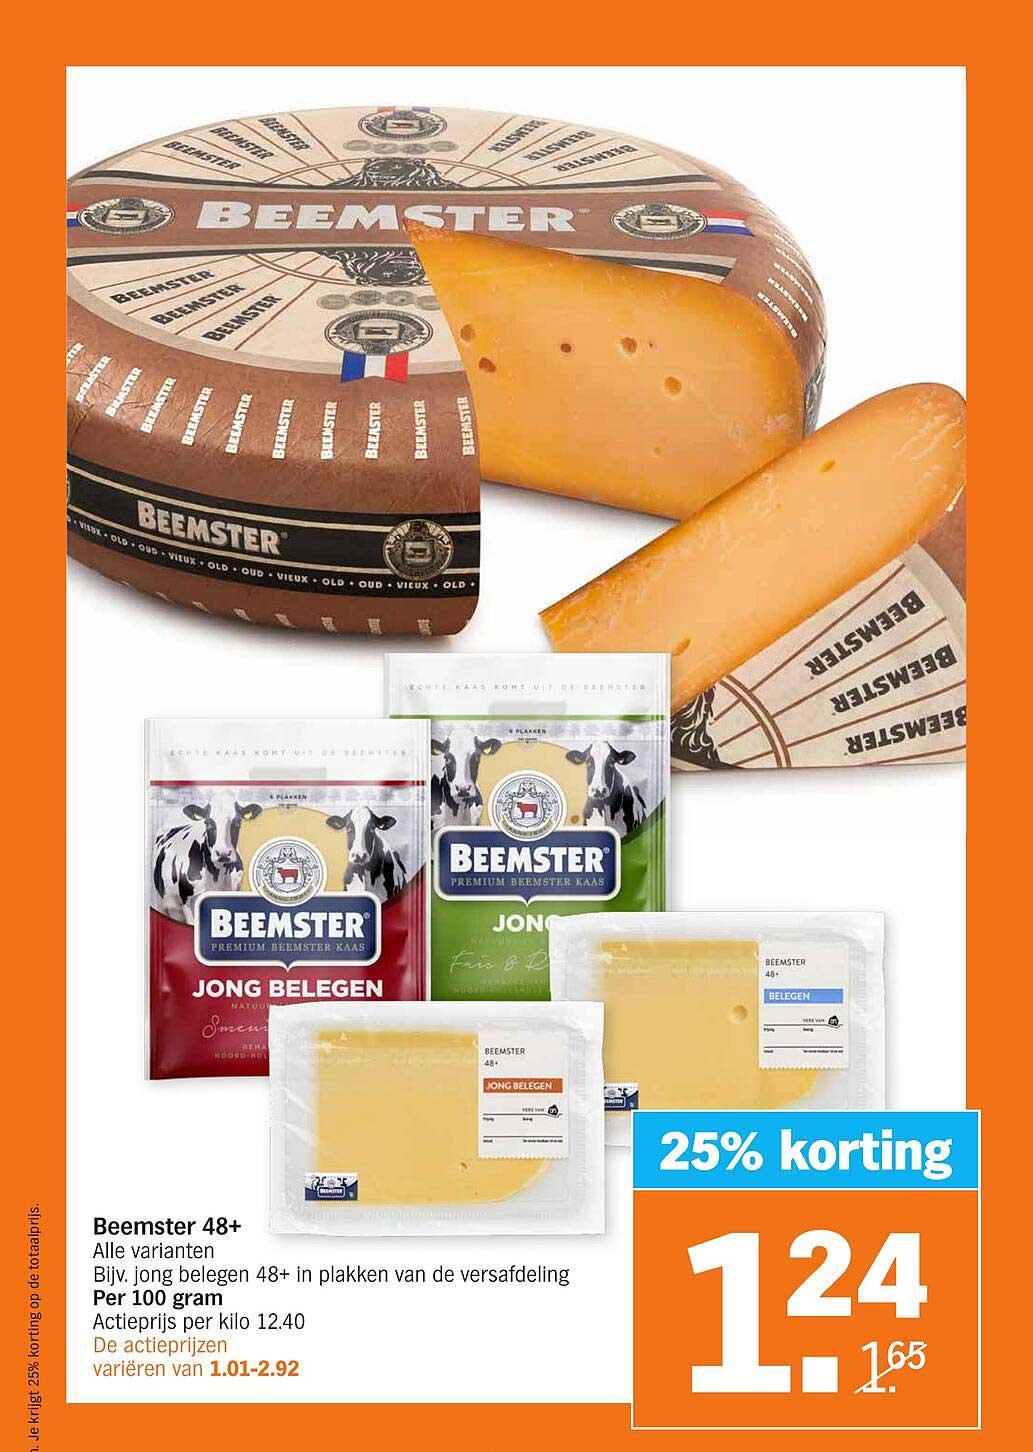 Albert Heijn Beemster 48+ 25% Korting